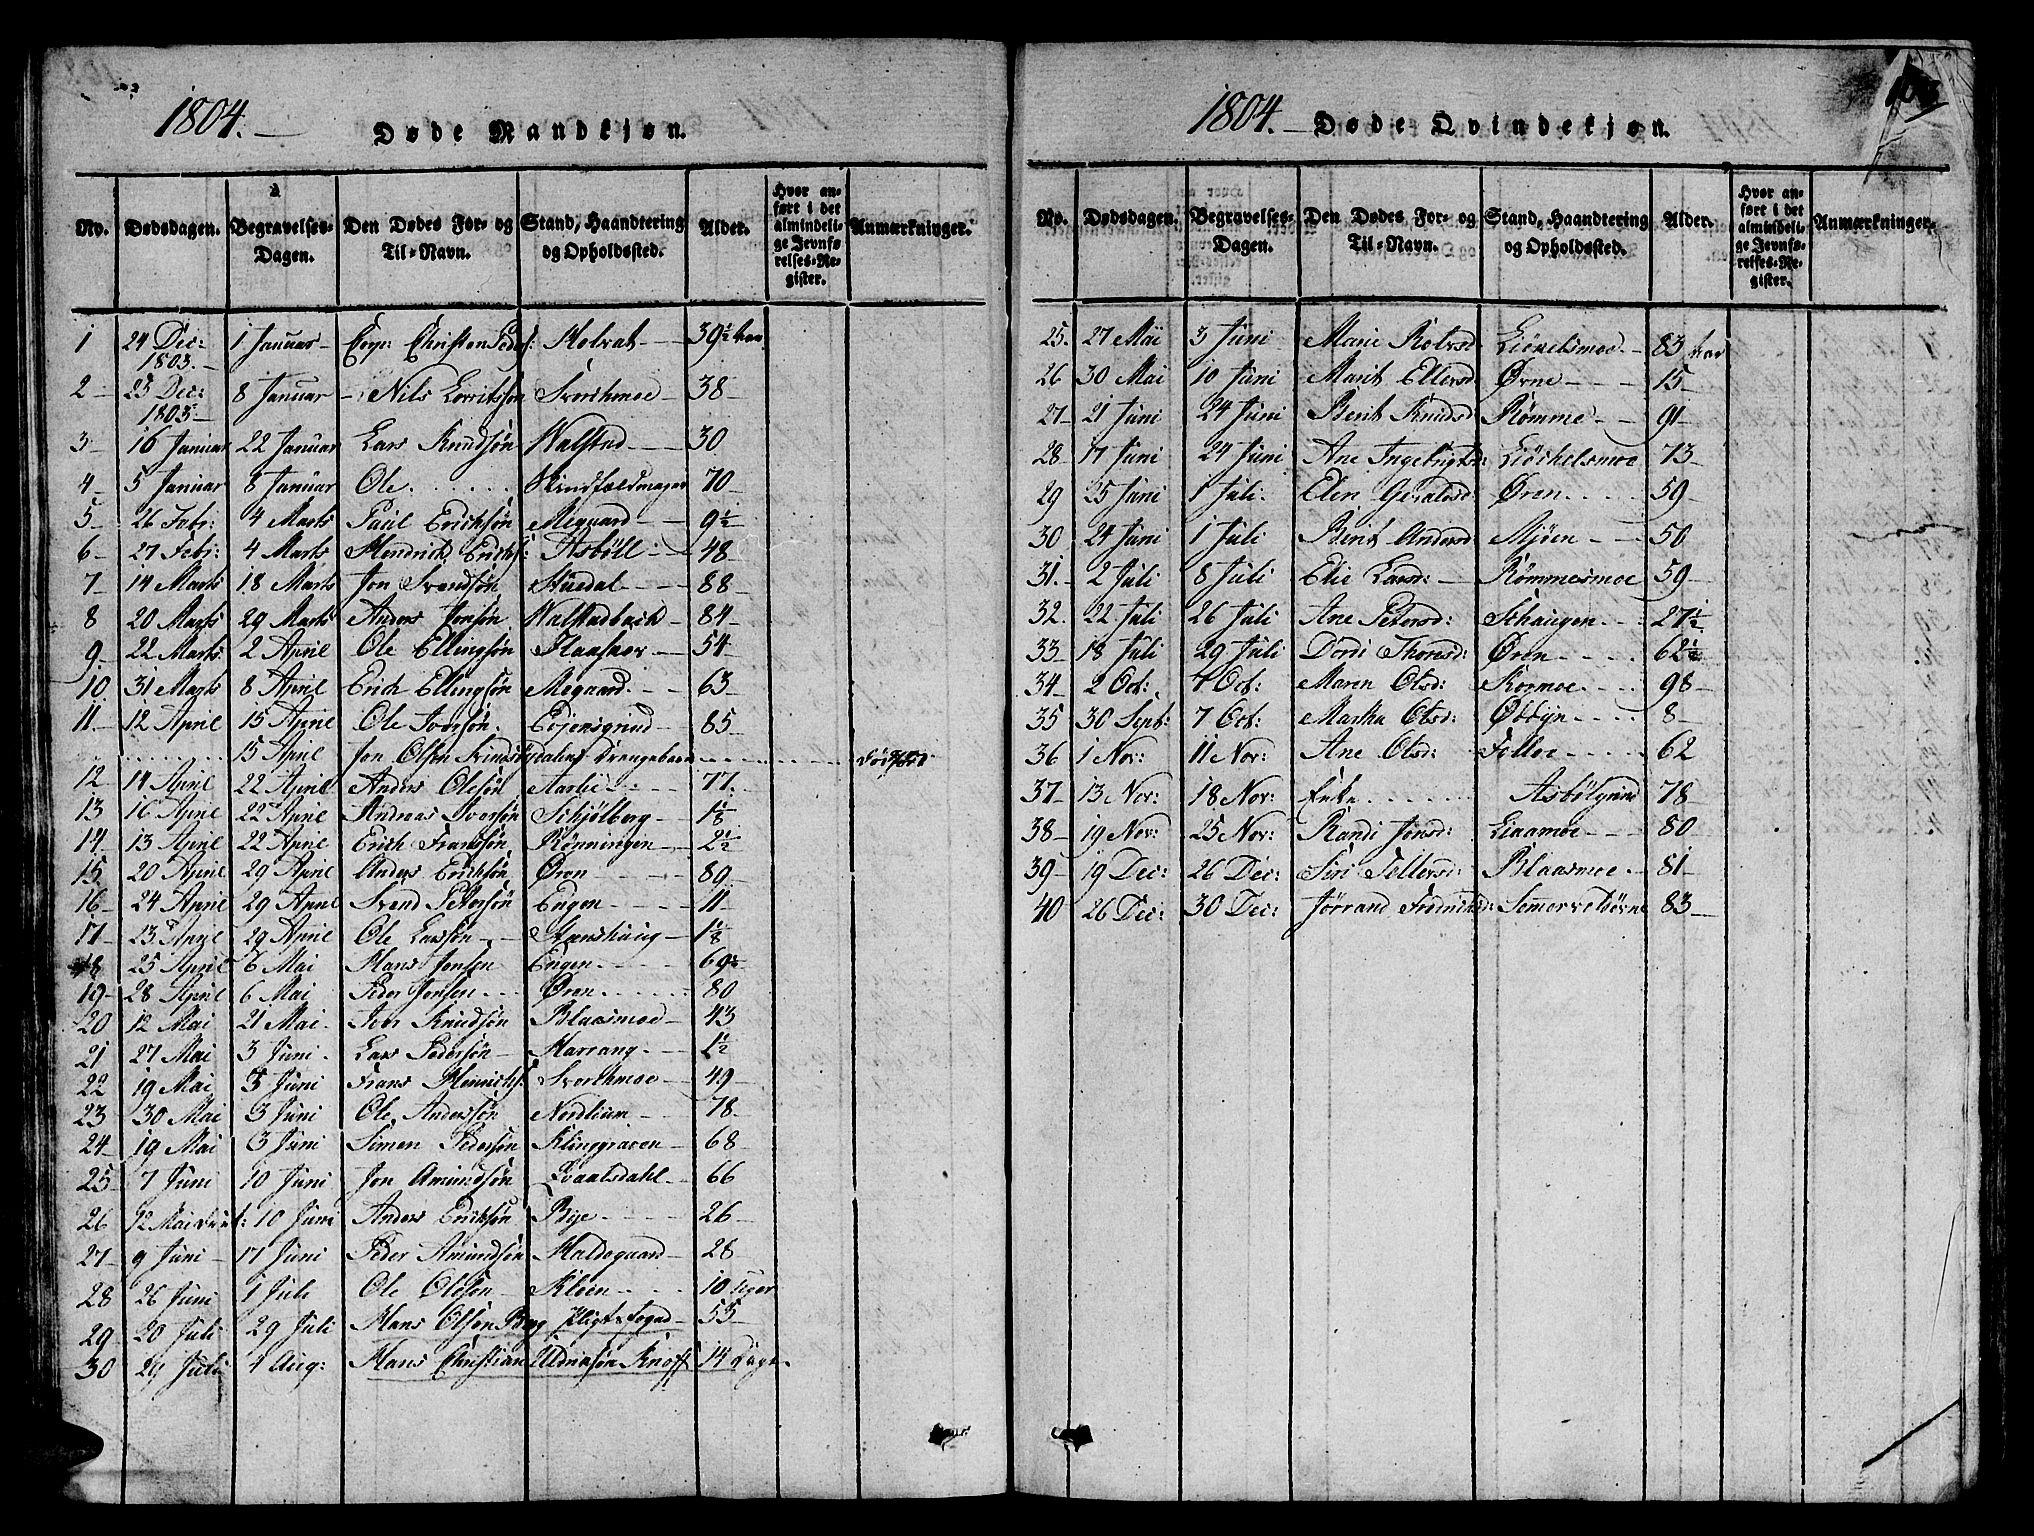 SAT, Ministerialprotokoller, klokkerbøker og fødselsregistre - Sør-Trøndelag, 668/L0803: Ministerialbok nr. 668A03, 1800-1826, s. 103